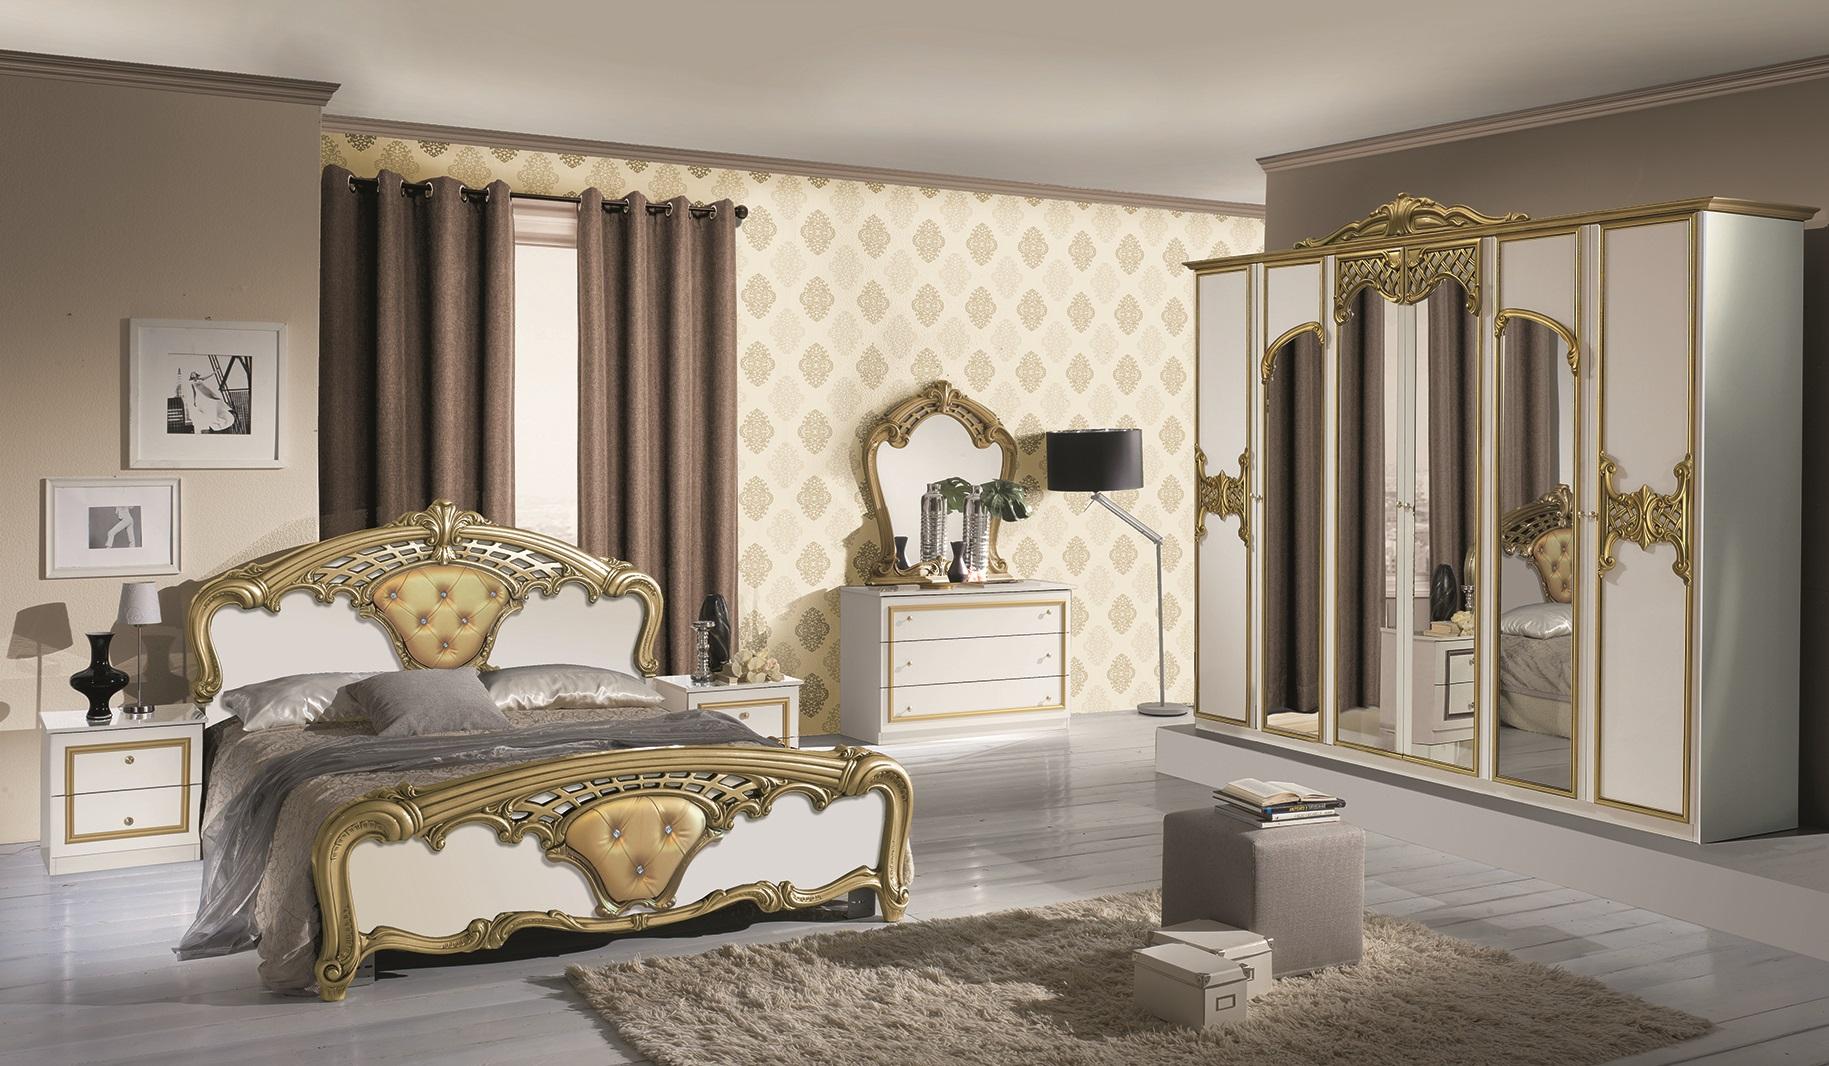 ... Schlafzimmer Elisa In Schwarz Gold 6 Türig Luxus Italienische 16 ...